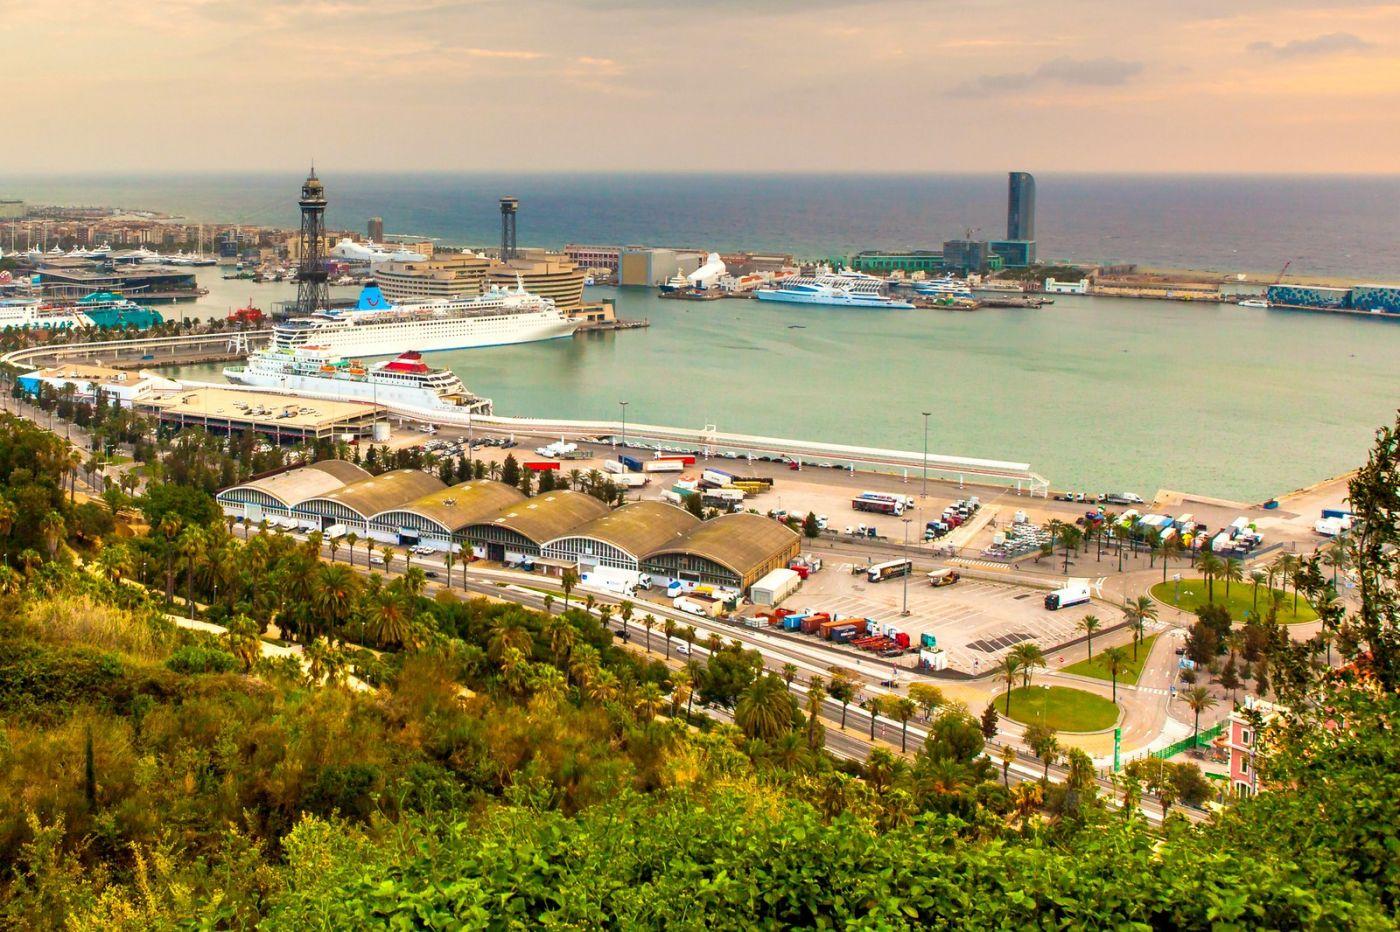 西班牙小岛,鸟瞰港景_图1-5